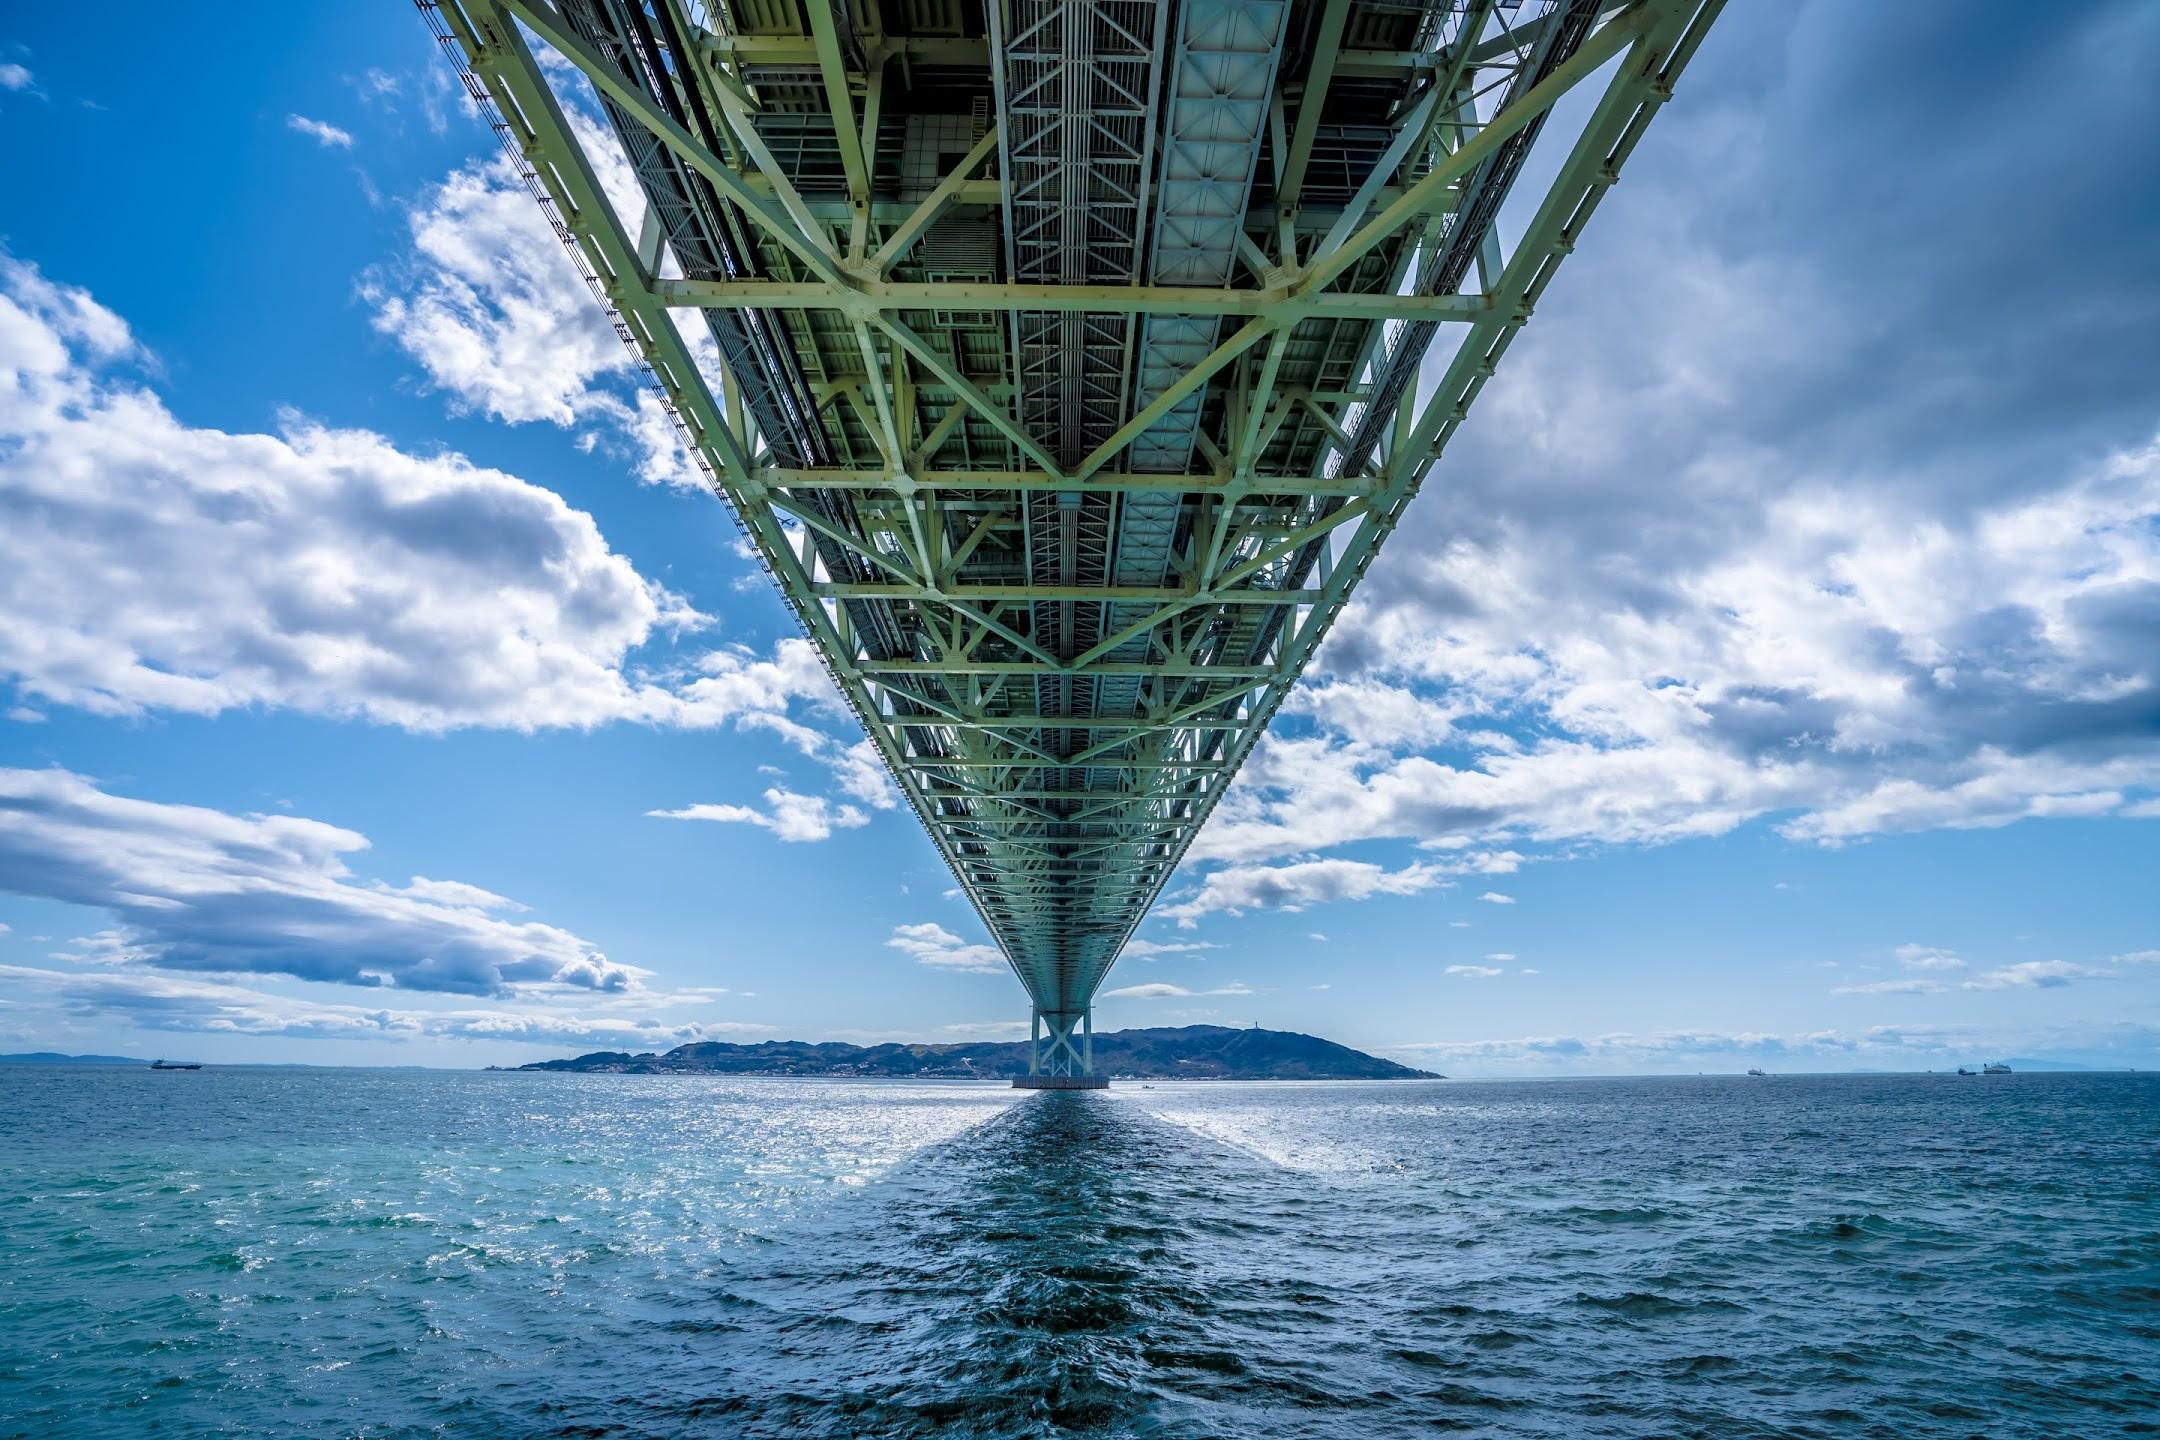 Akashi Kaikyo Bridge1